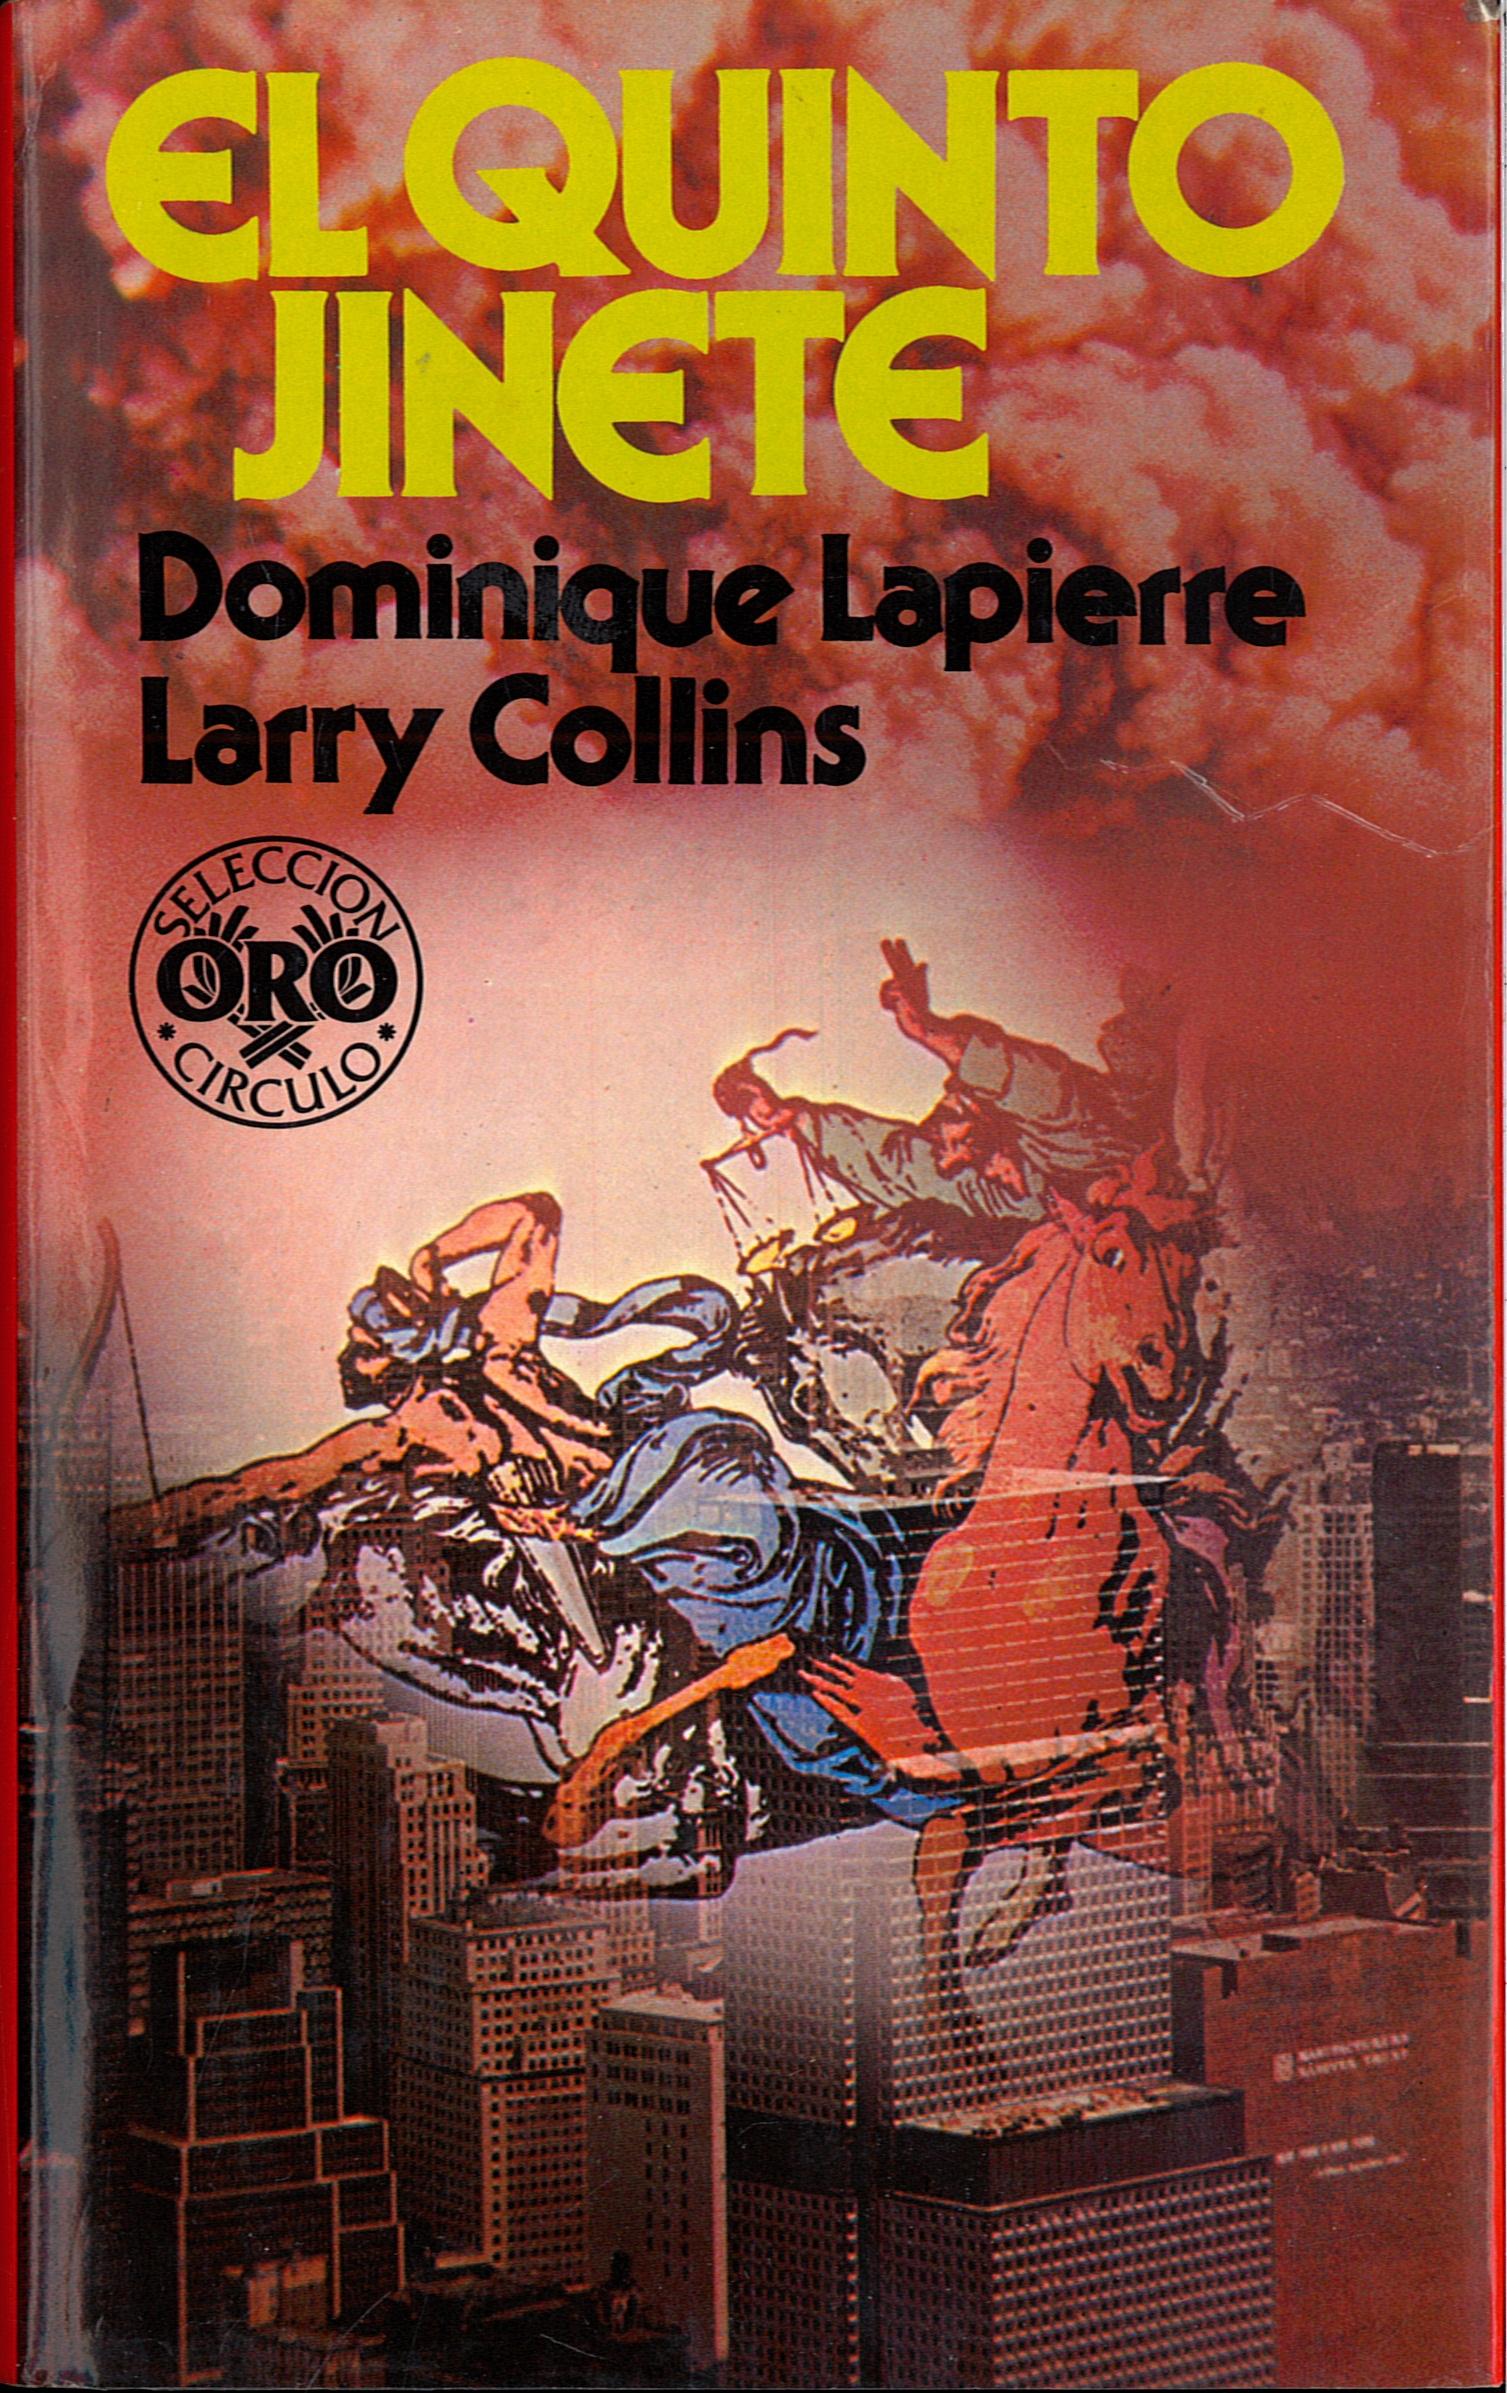 EL QUINTO JINETE (Dominique Lapierre – Larry Collins).